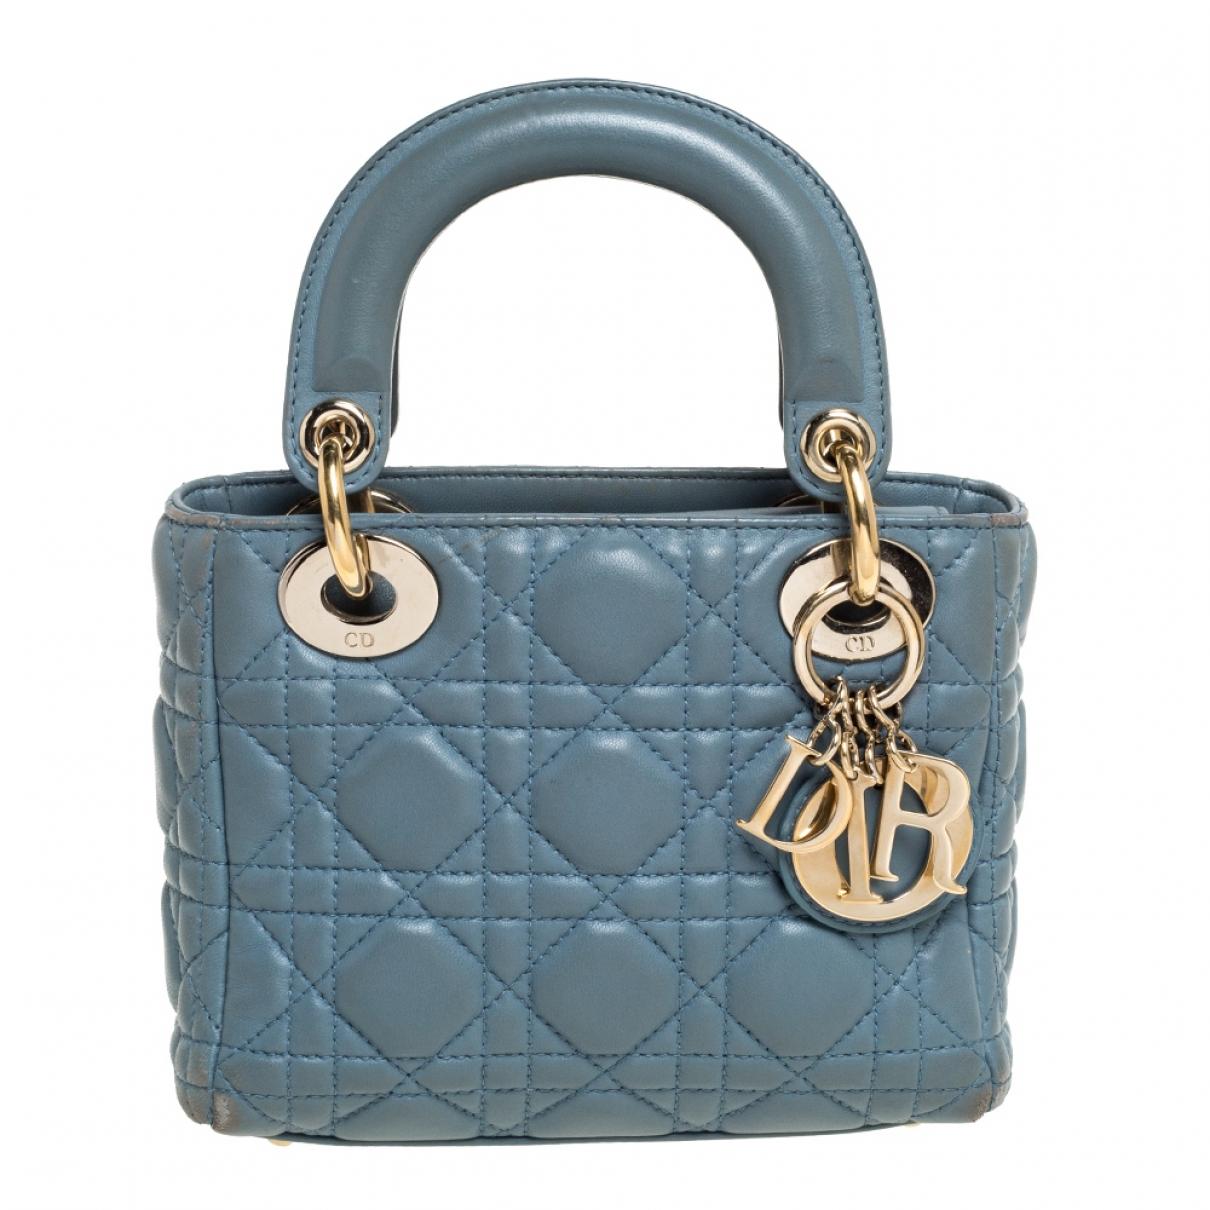 Dior Lady Dior Blue Leather handbag for Women N